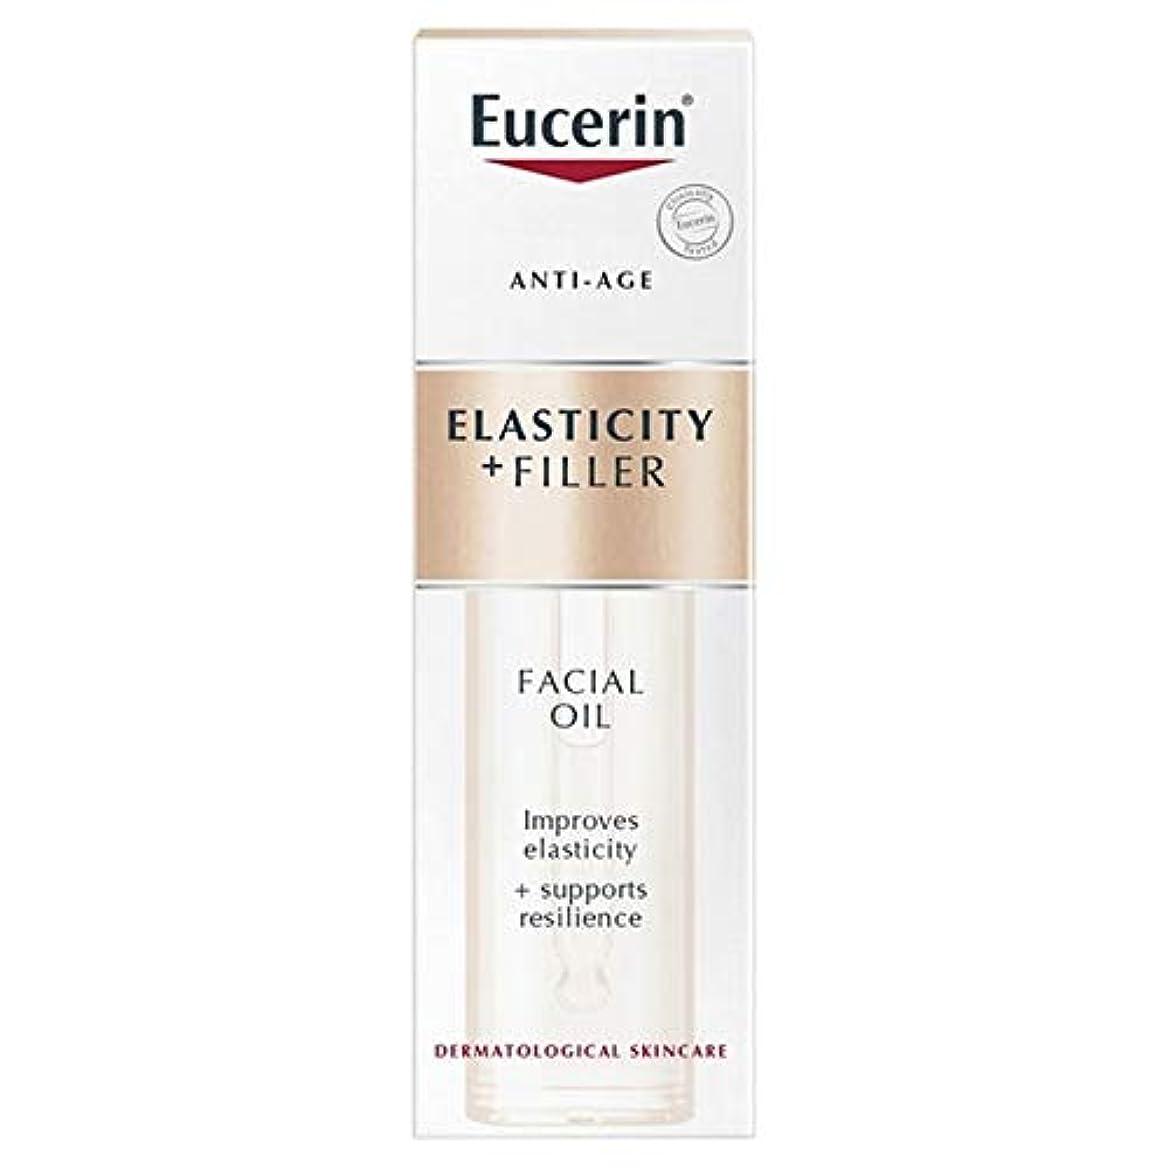 繁栄リズム増加する[Eucerin ] ユーセリン抗年齢の弾力+フィラーフェイシャルオイル30ミリリットル - Eucerin Anti-Age Elasticity + Filler Facial Oil 30ml [並行輸入品]